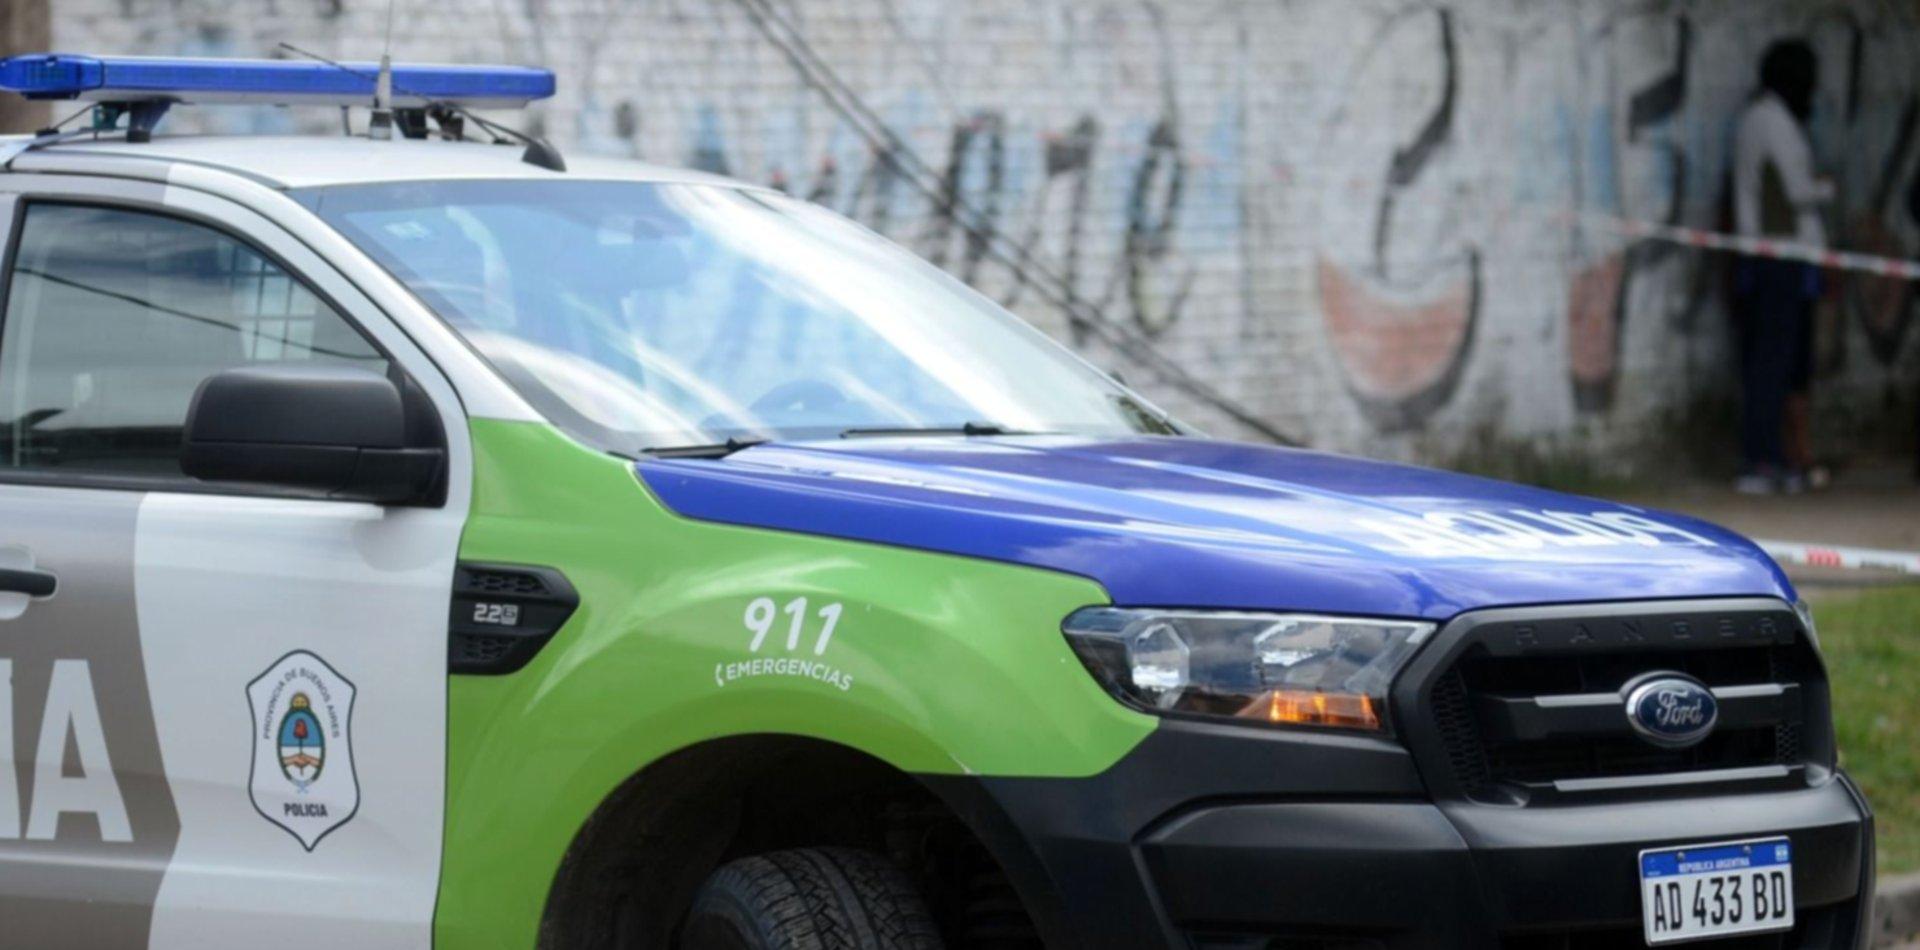 Brutal crimen en La Plata: discutió con su pareja y lo apuñaló frente a su hija de 4 años